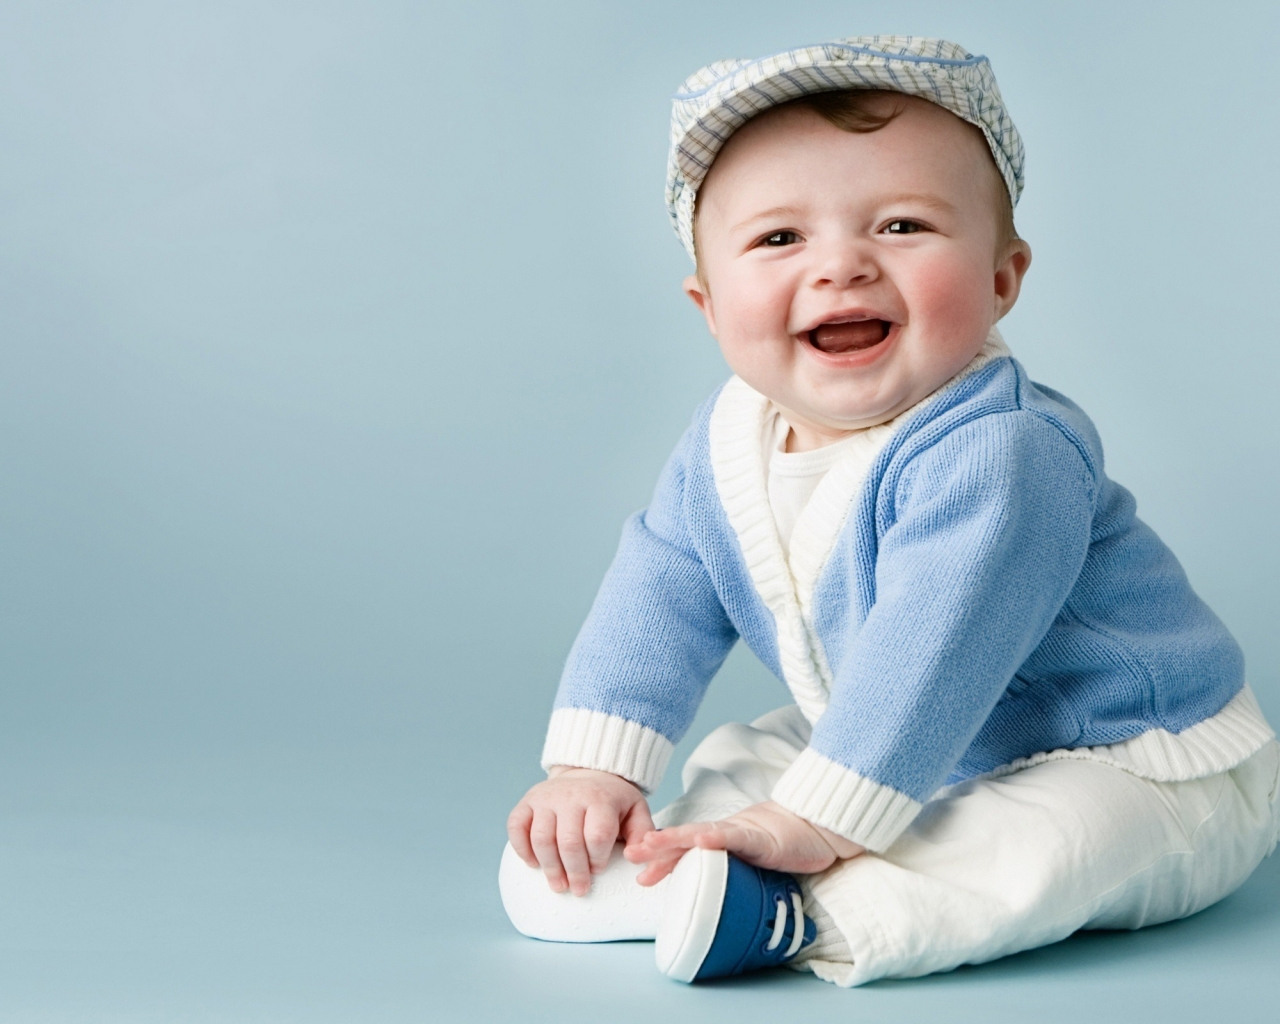 Ropa de bebe - 1280x1024